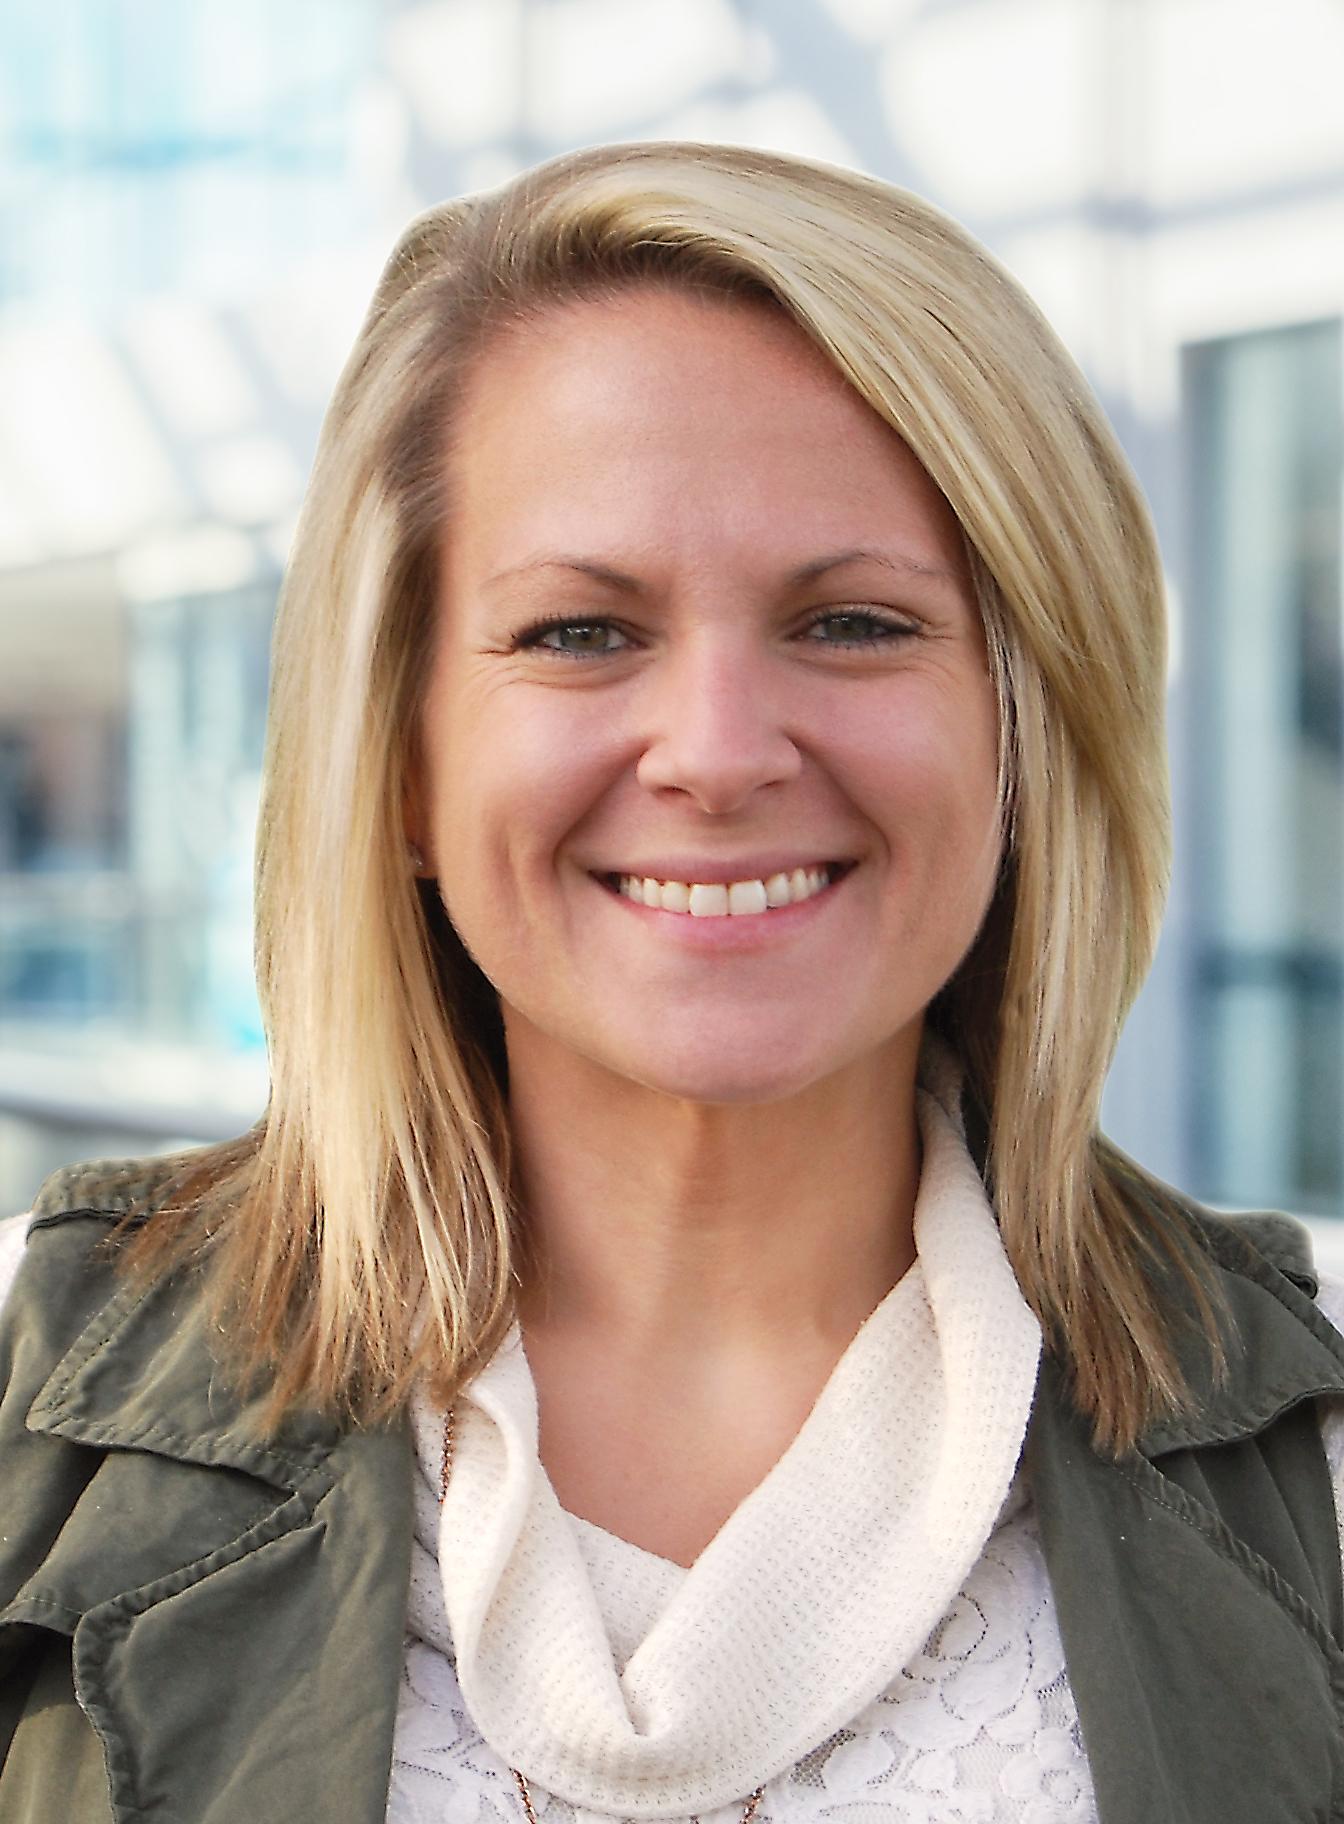 Katie Paul